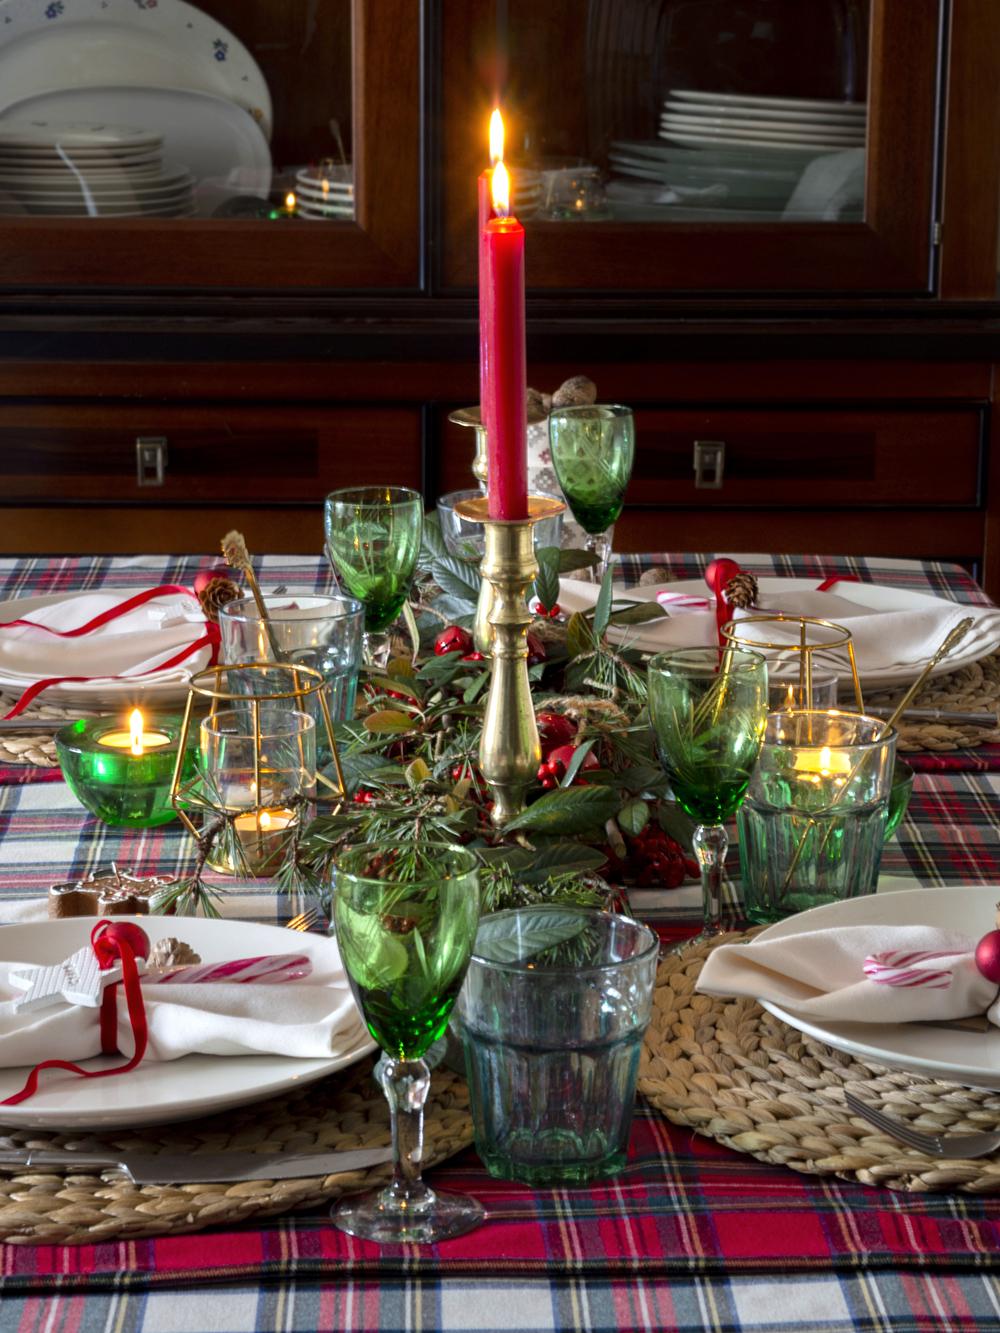 Nuestra mesa navideña en cuadros escoceses5